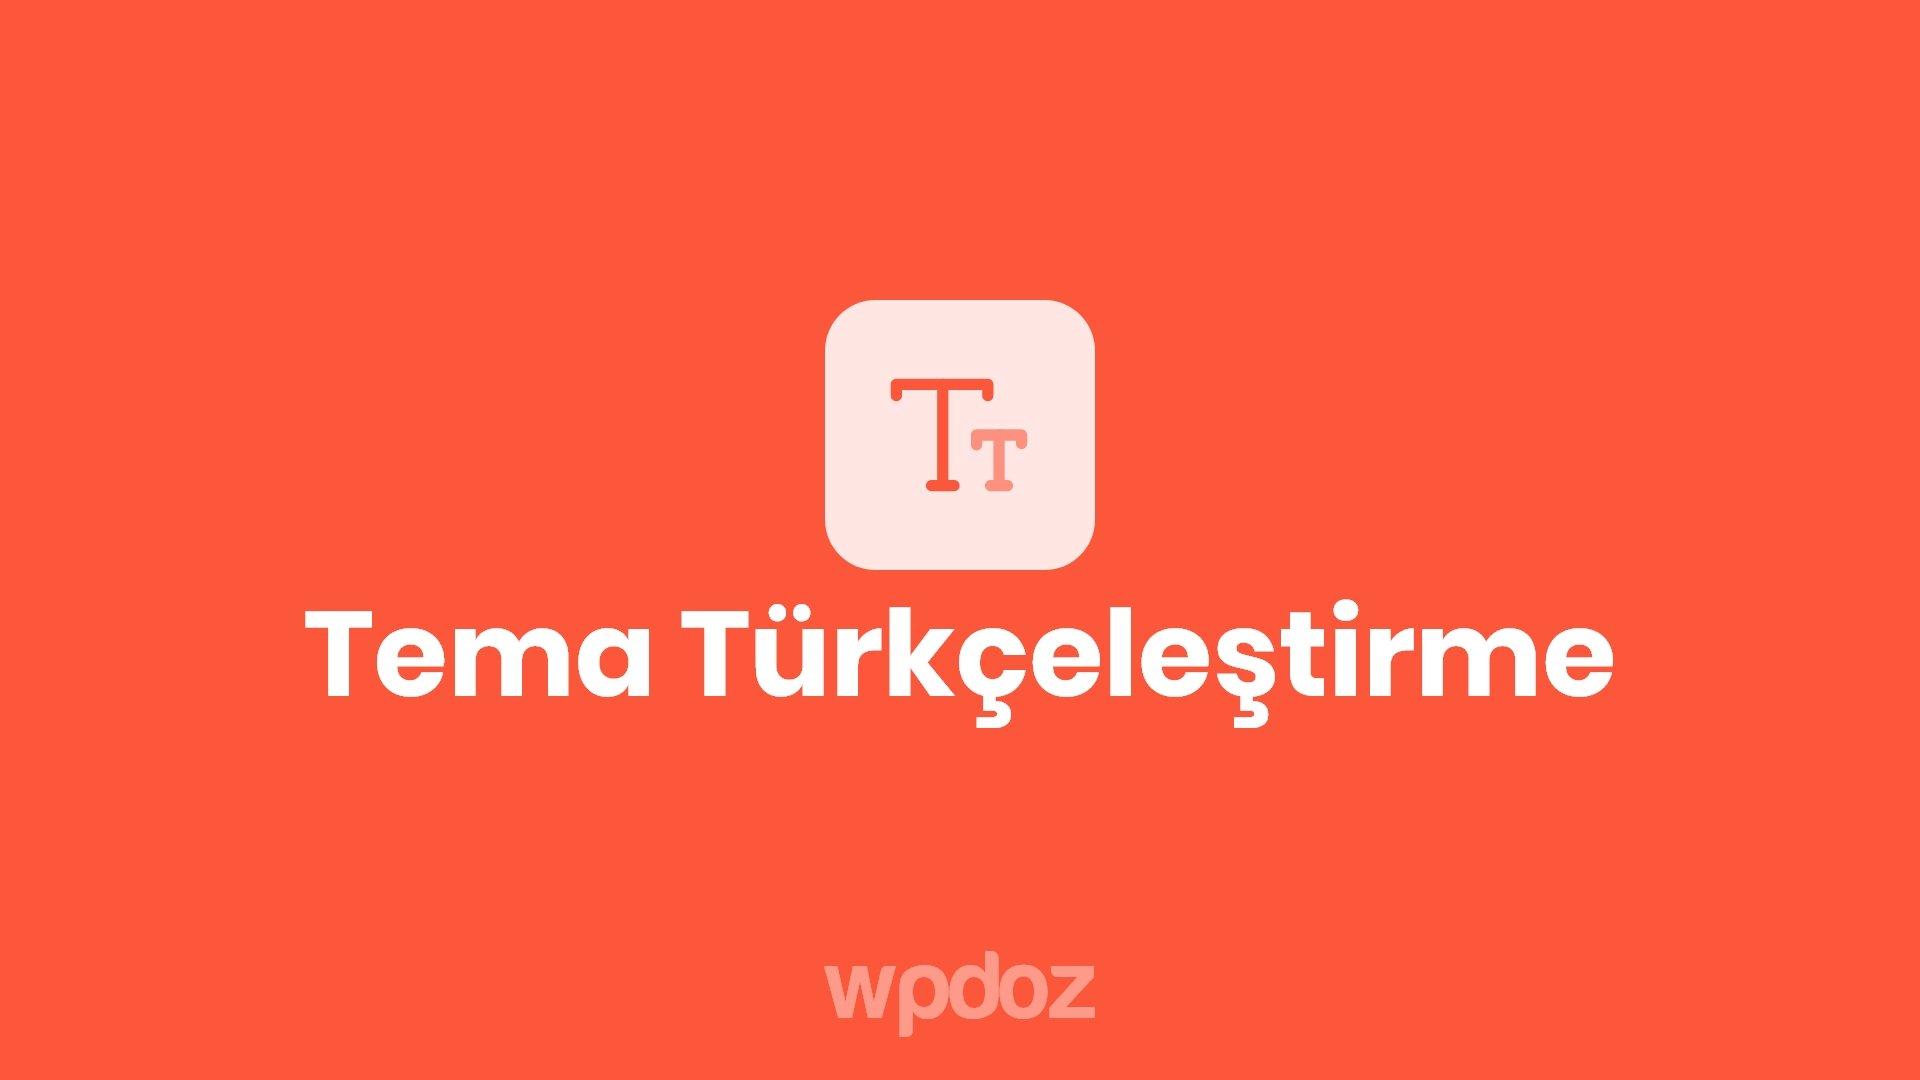 WordPress Tema Türkçeleştirme Nasıl Yapılır? – 3 Farklı Uygulama